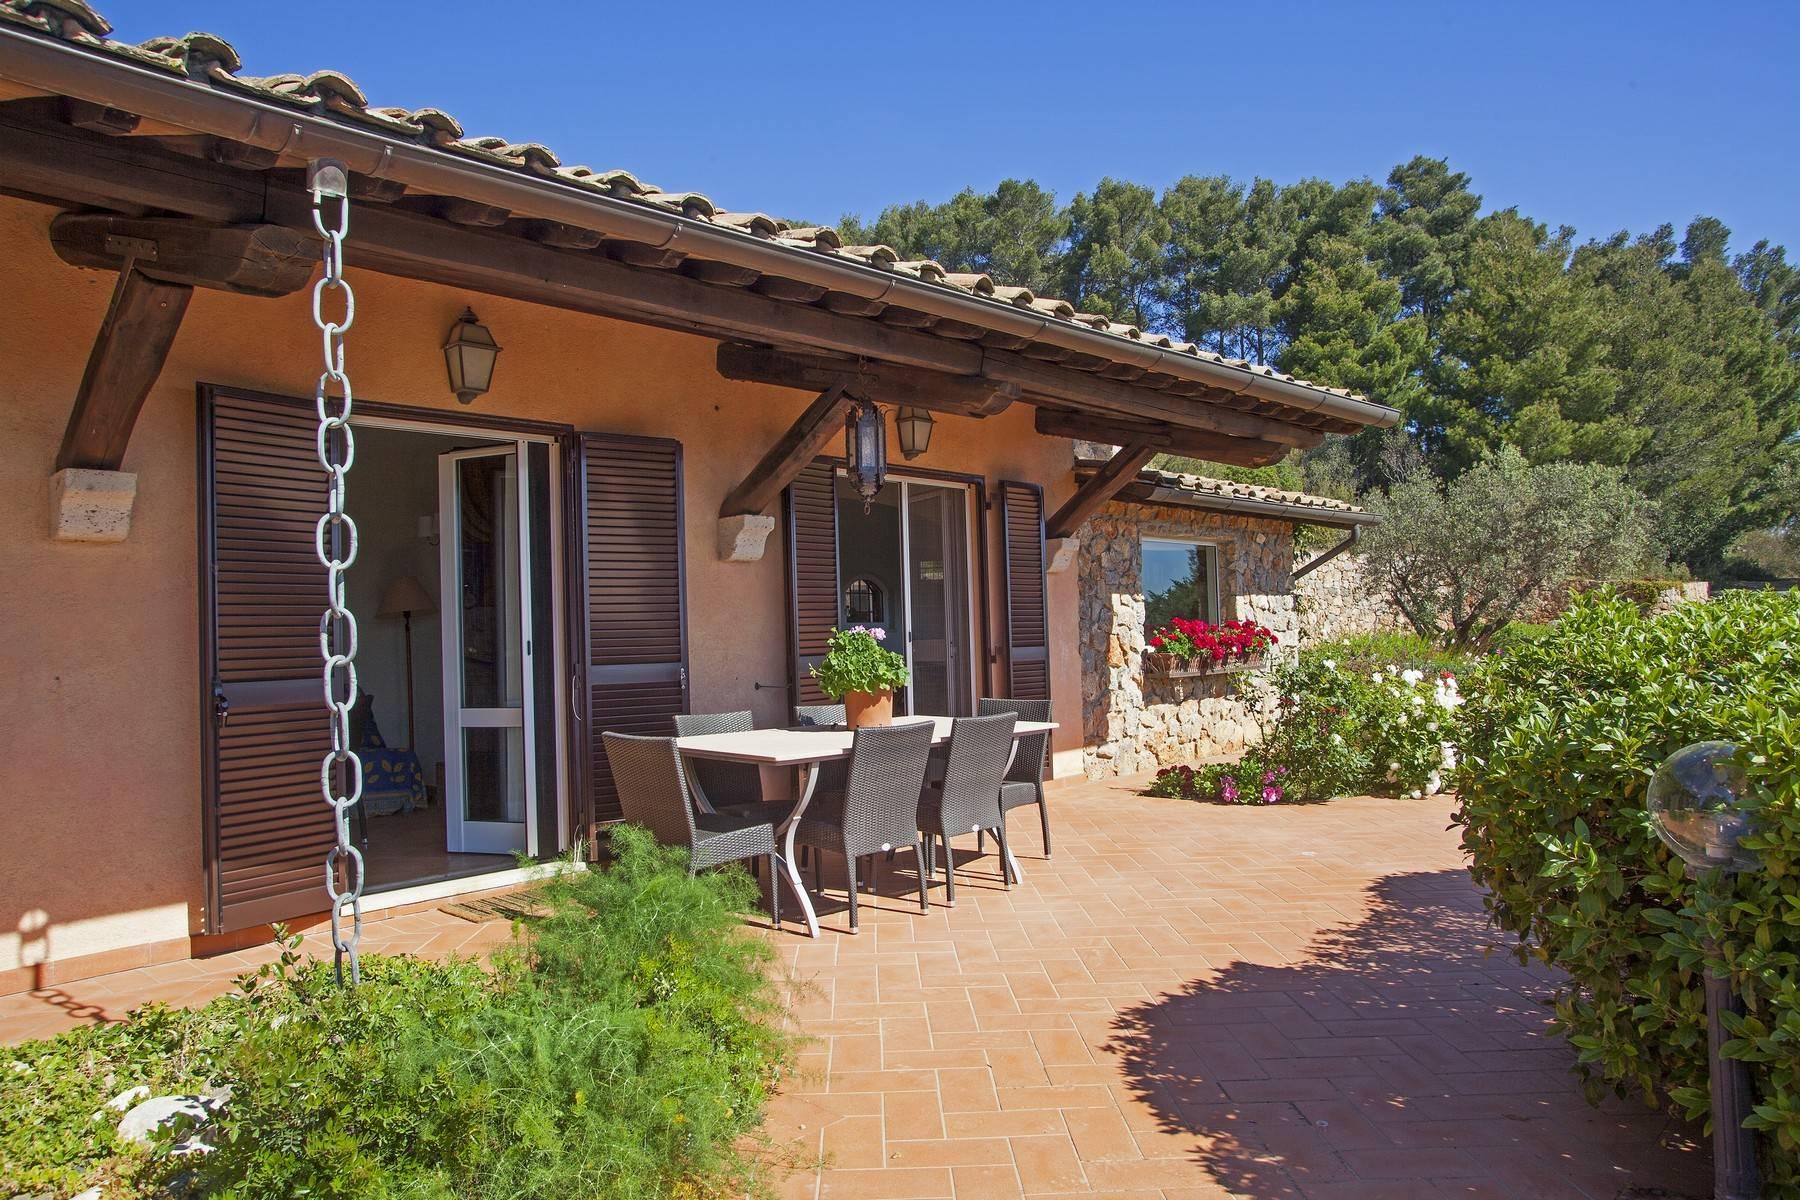 Villa in Vendita a Monte Argentario: 5 locali, 124 mq - Foto 4